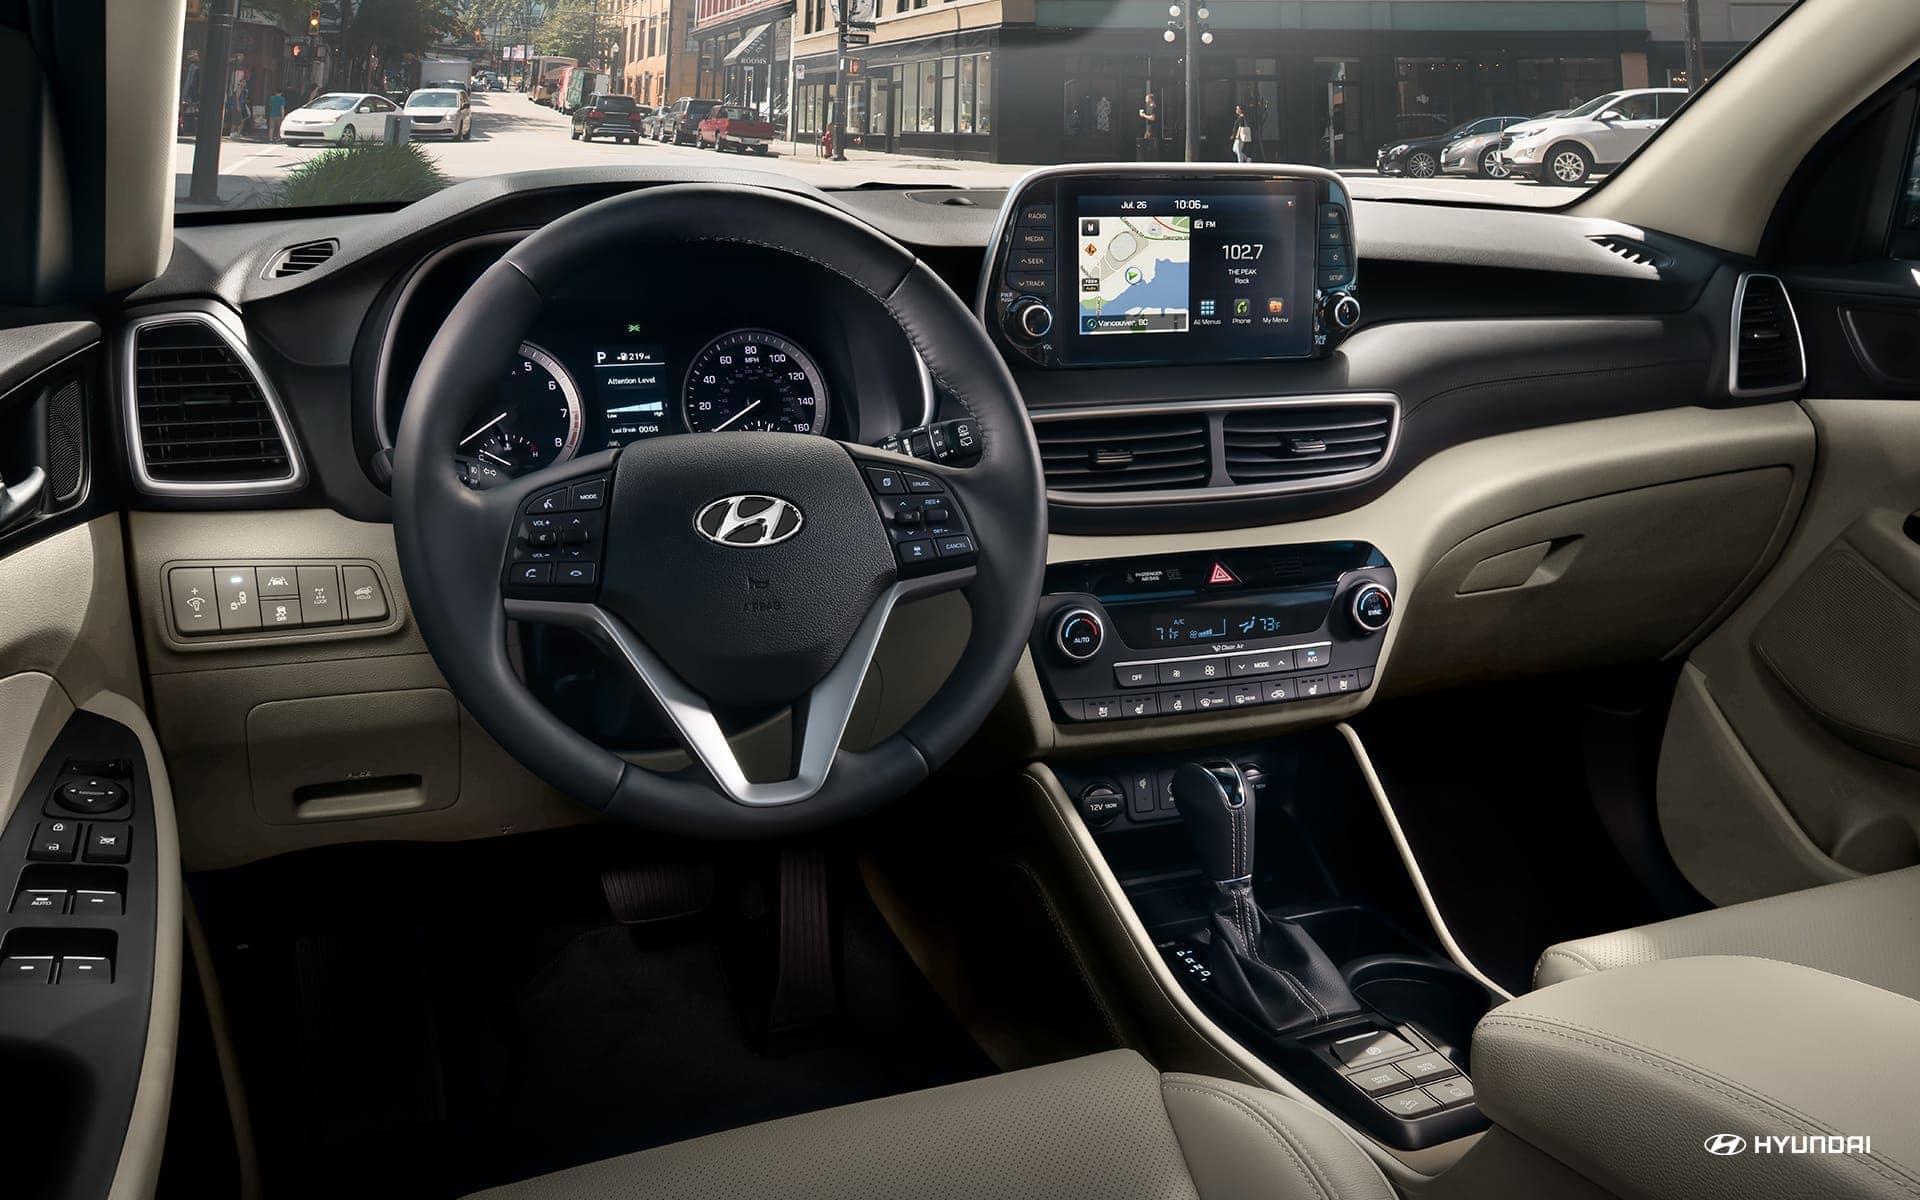 2019 Hyundai Tucson dual automatic temperature control